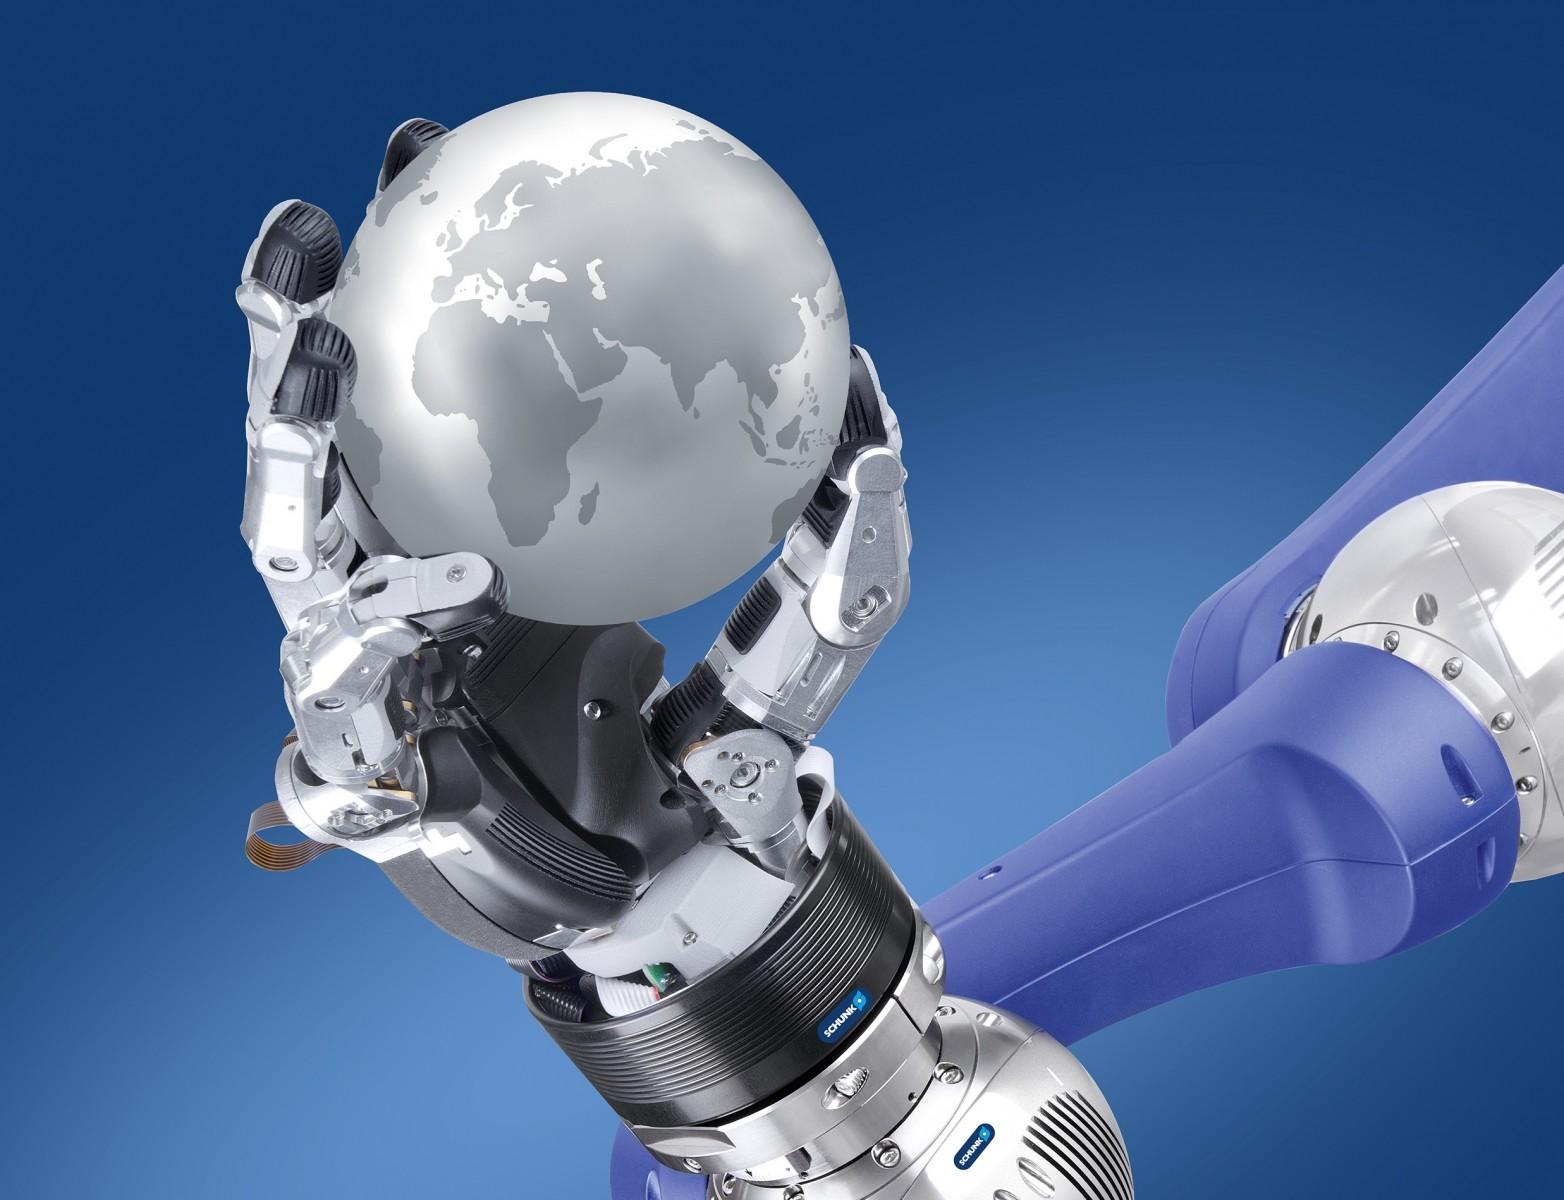 Передовые технологии и будущее глобального лидерства. Оценка Atlantic Council